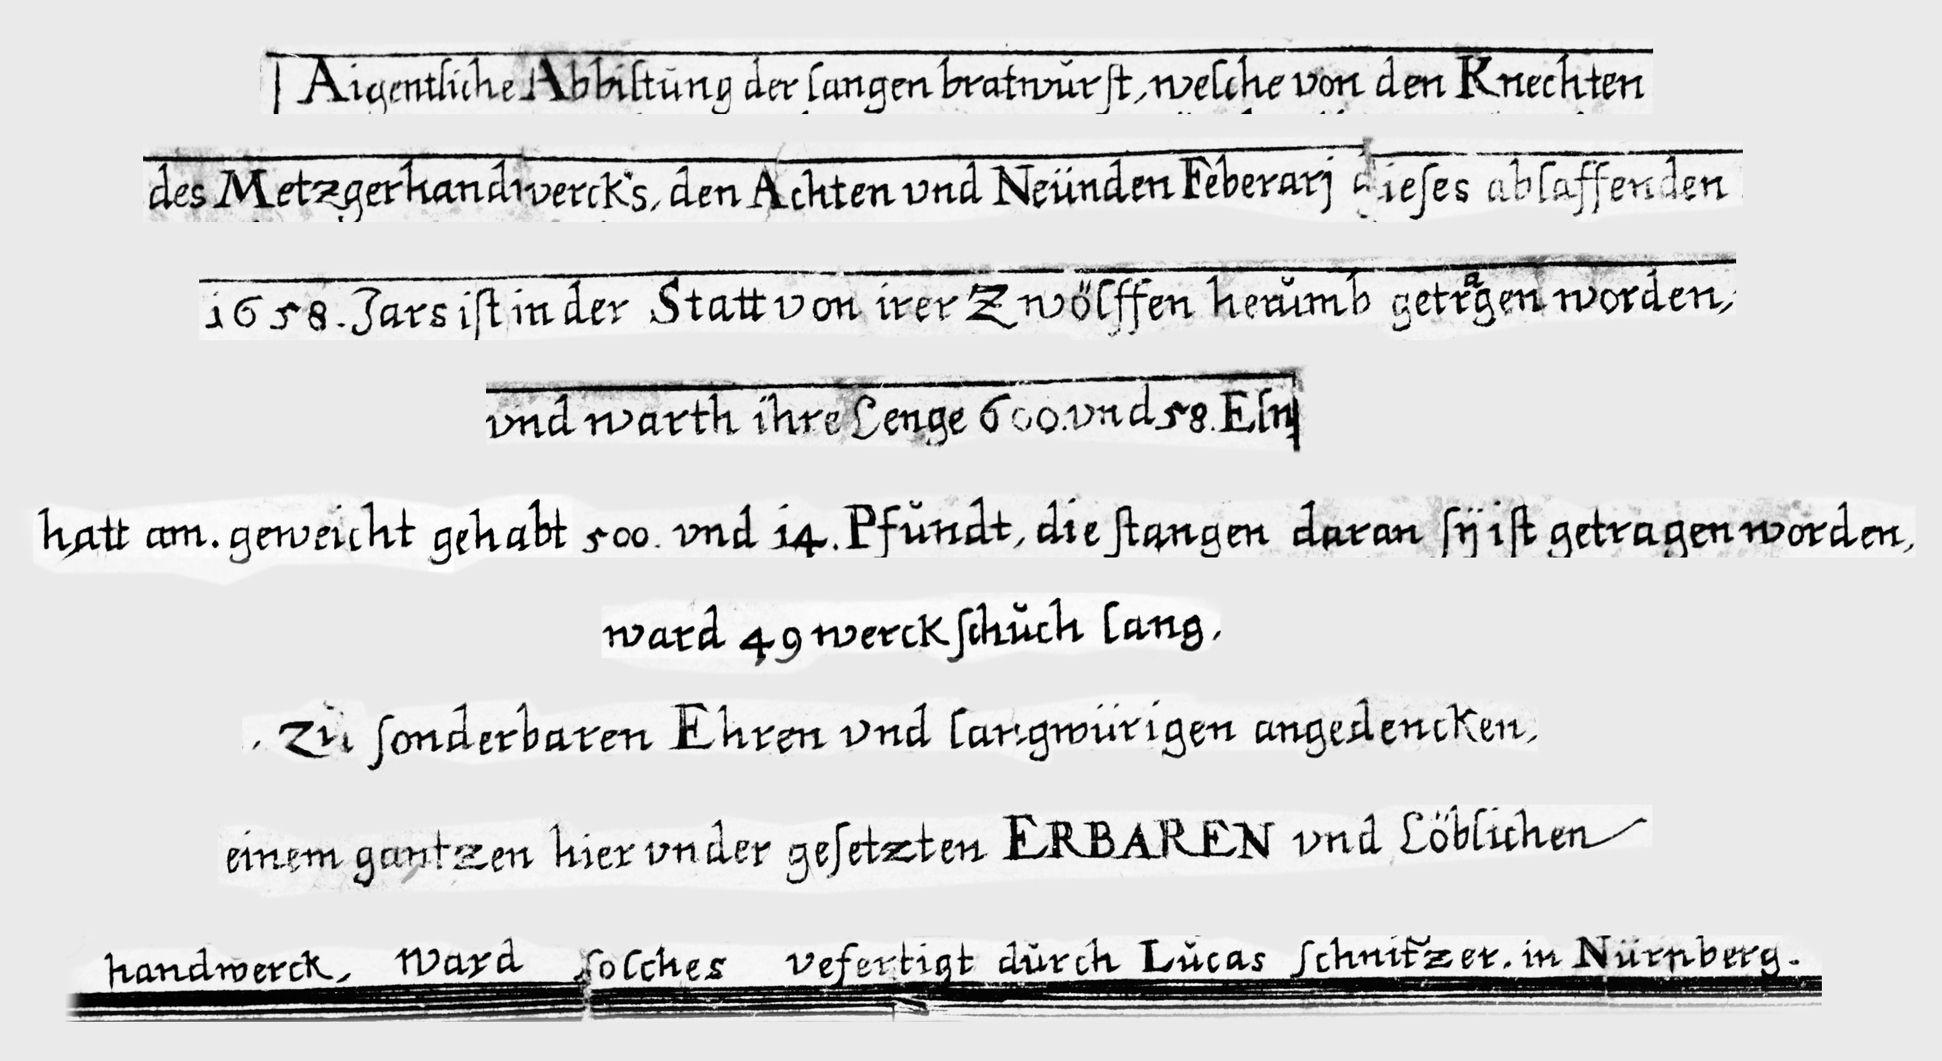 Nürnberger Bratwurst: